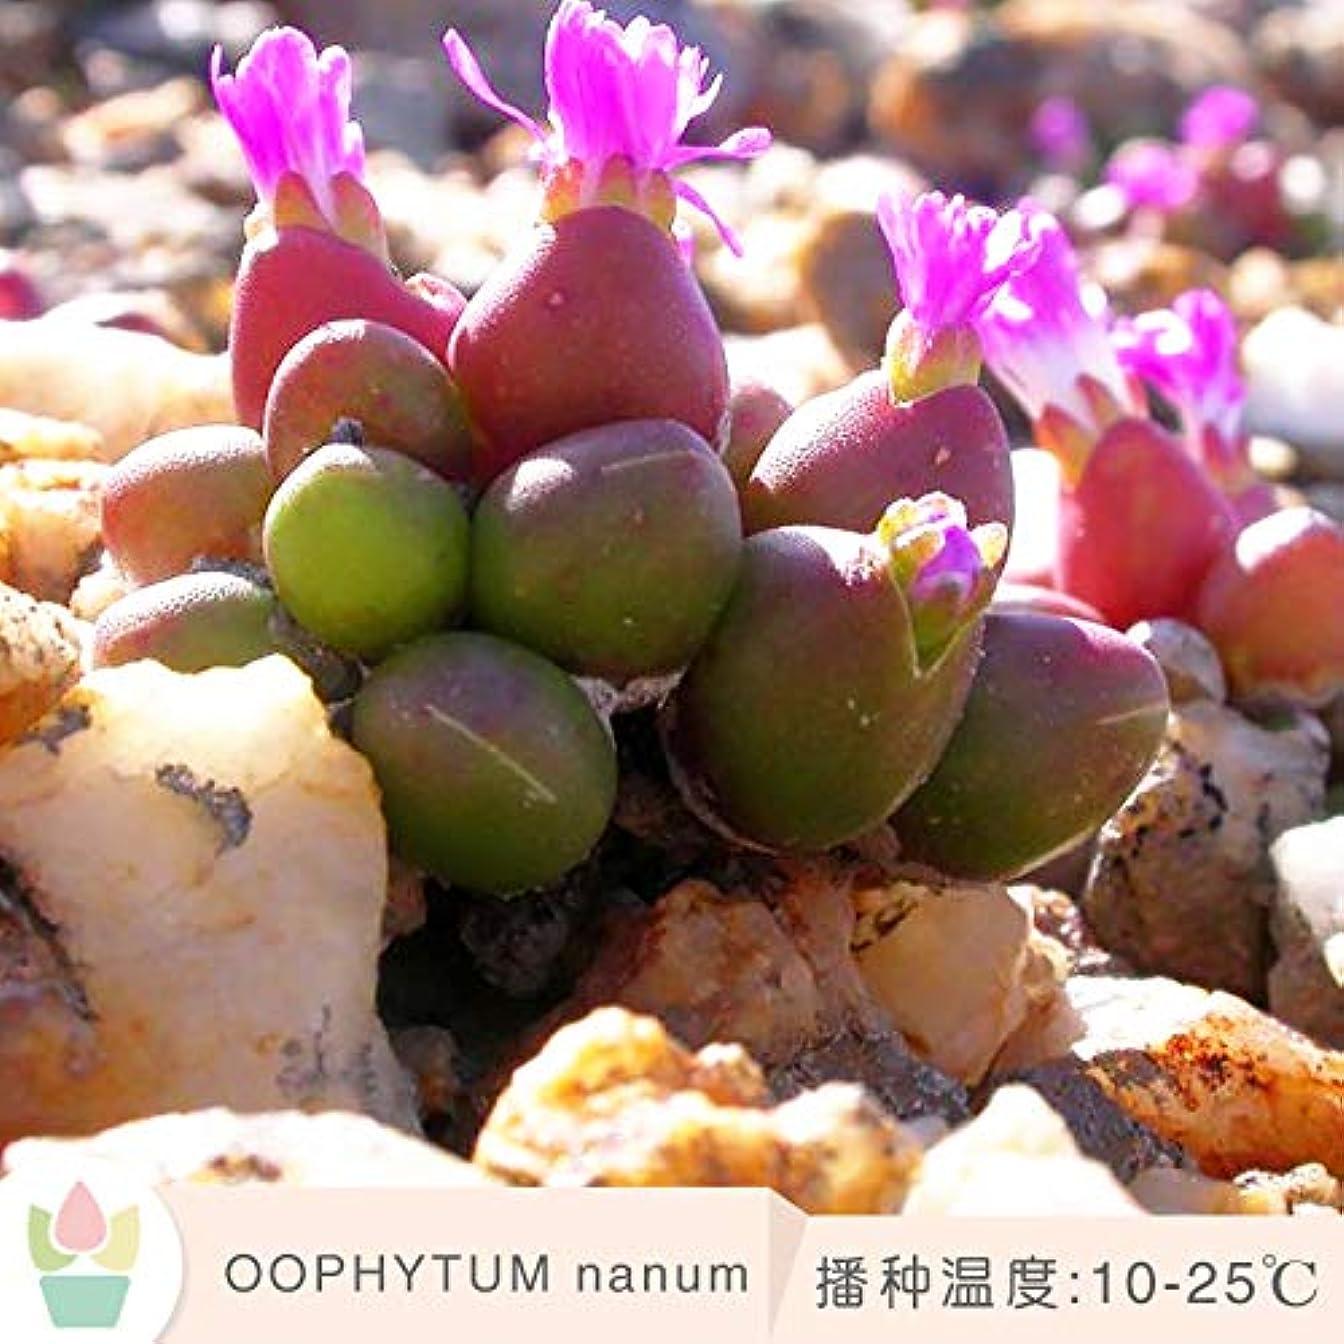 法医学同盟対OOPHYTUM nanum クルミの種子マルチミートパンアプリコット科アフリカクルミの生石の花のコーン 20 粒